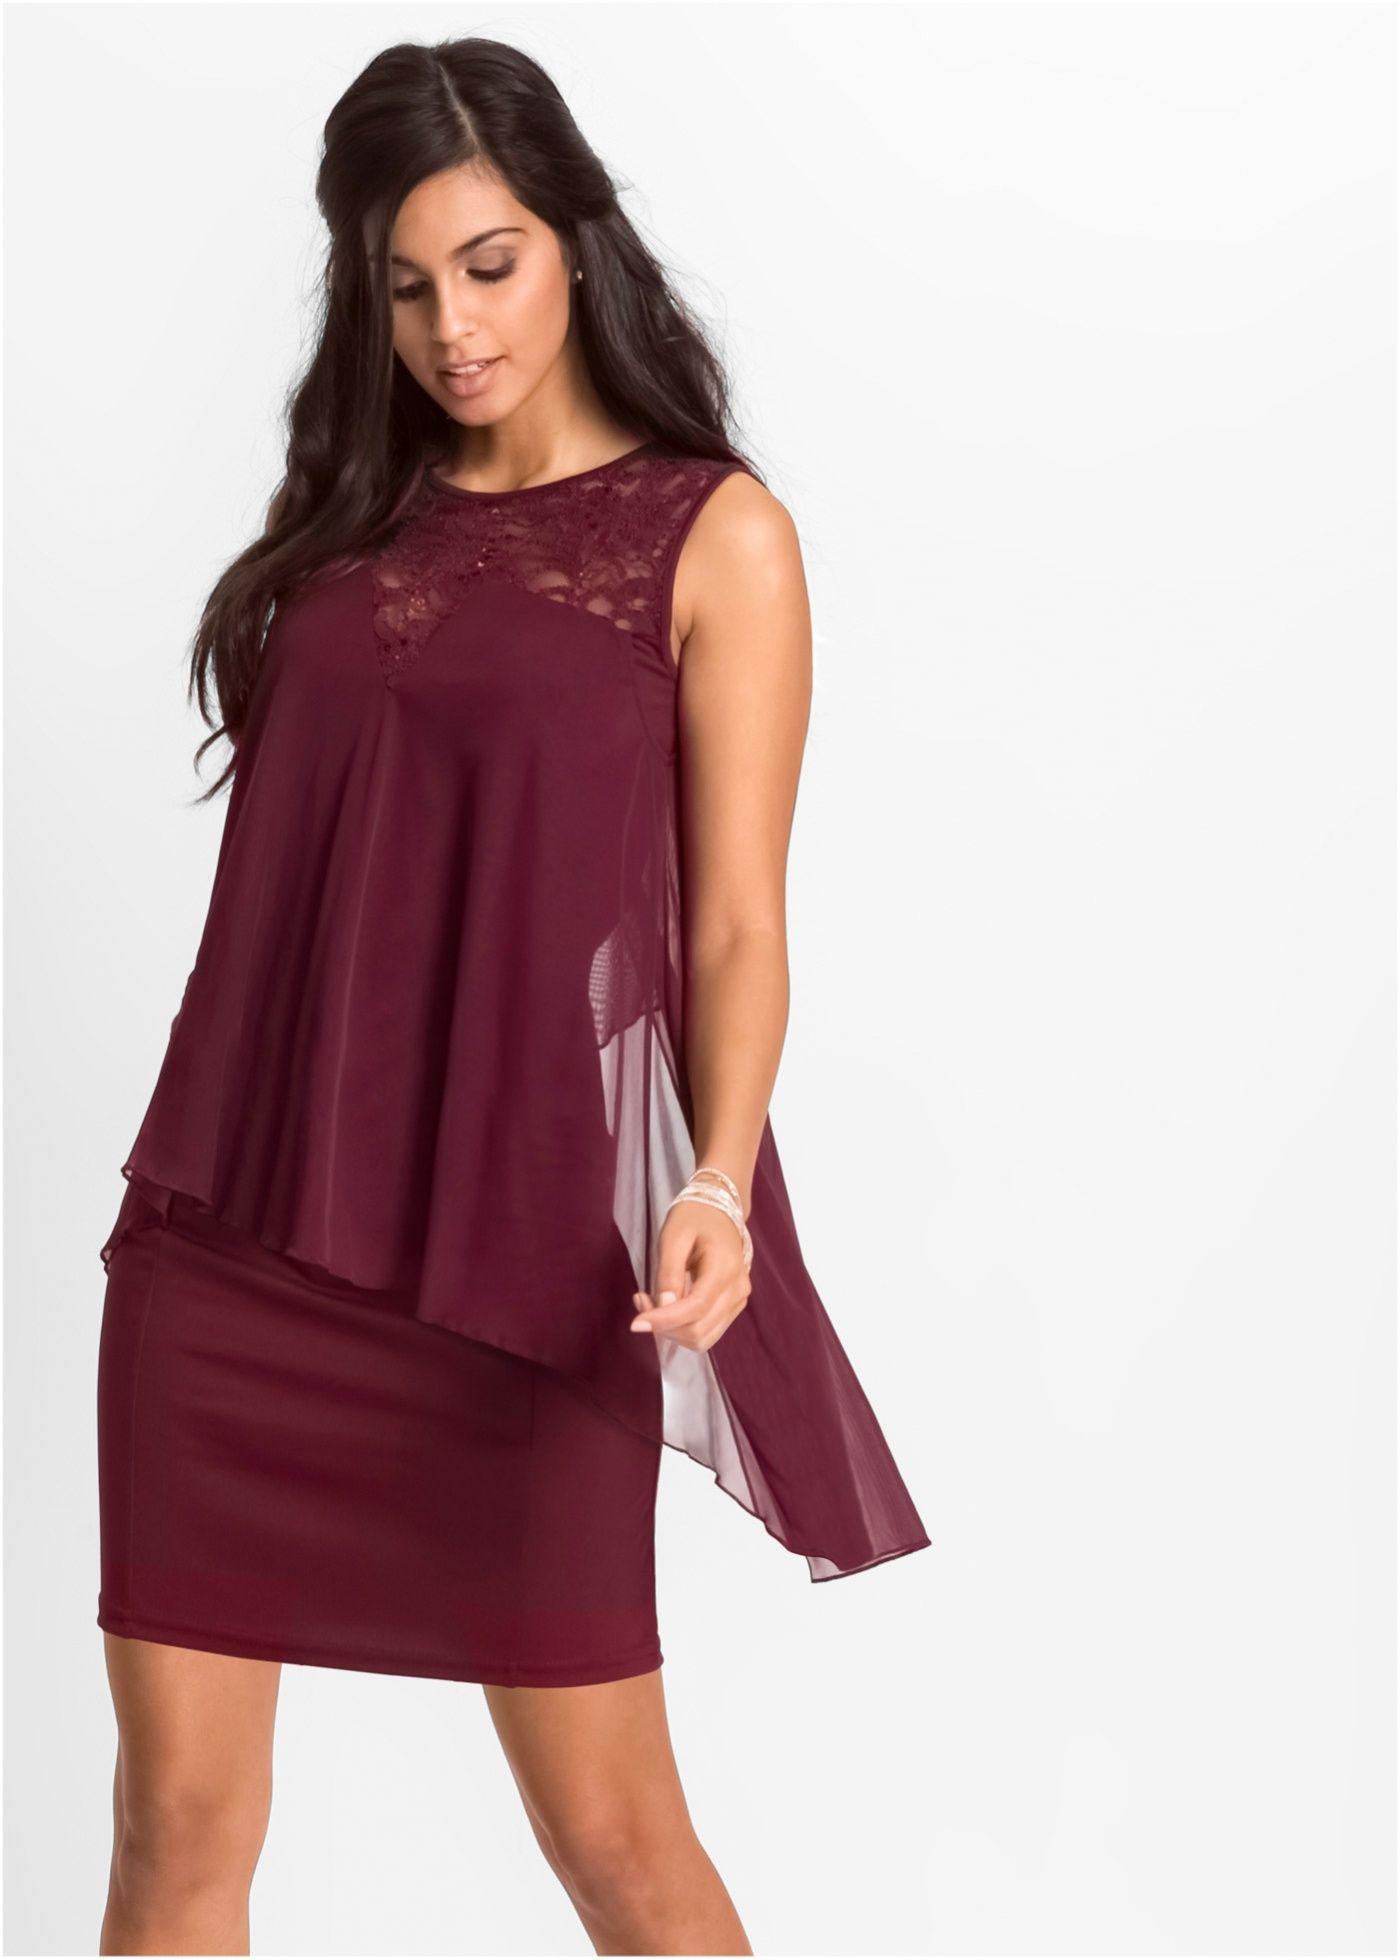 Jerseykleid mit Chiffon | Kleider, Kleider damen und ...